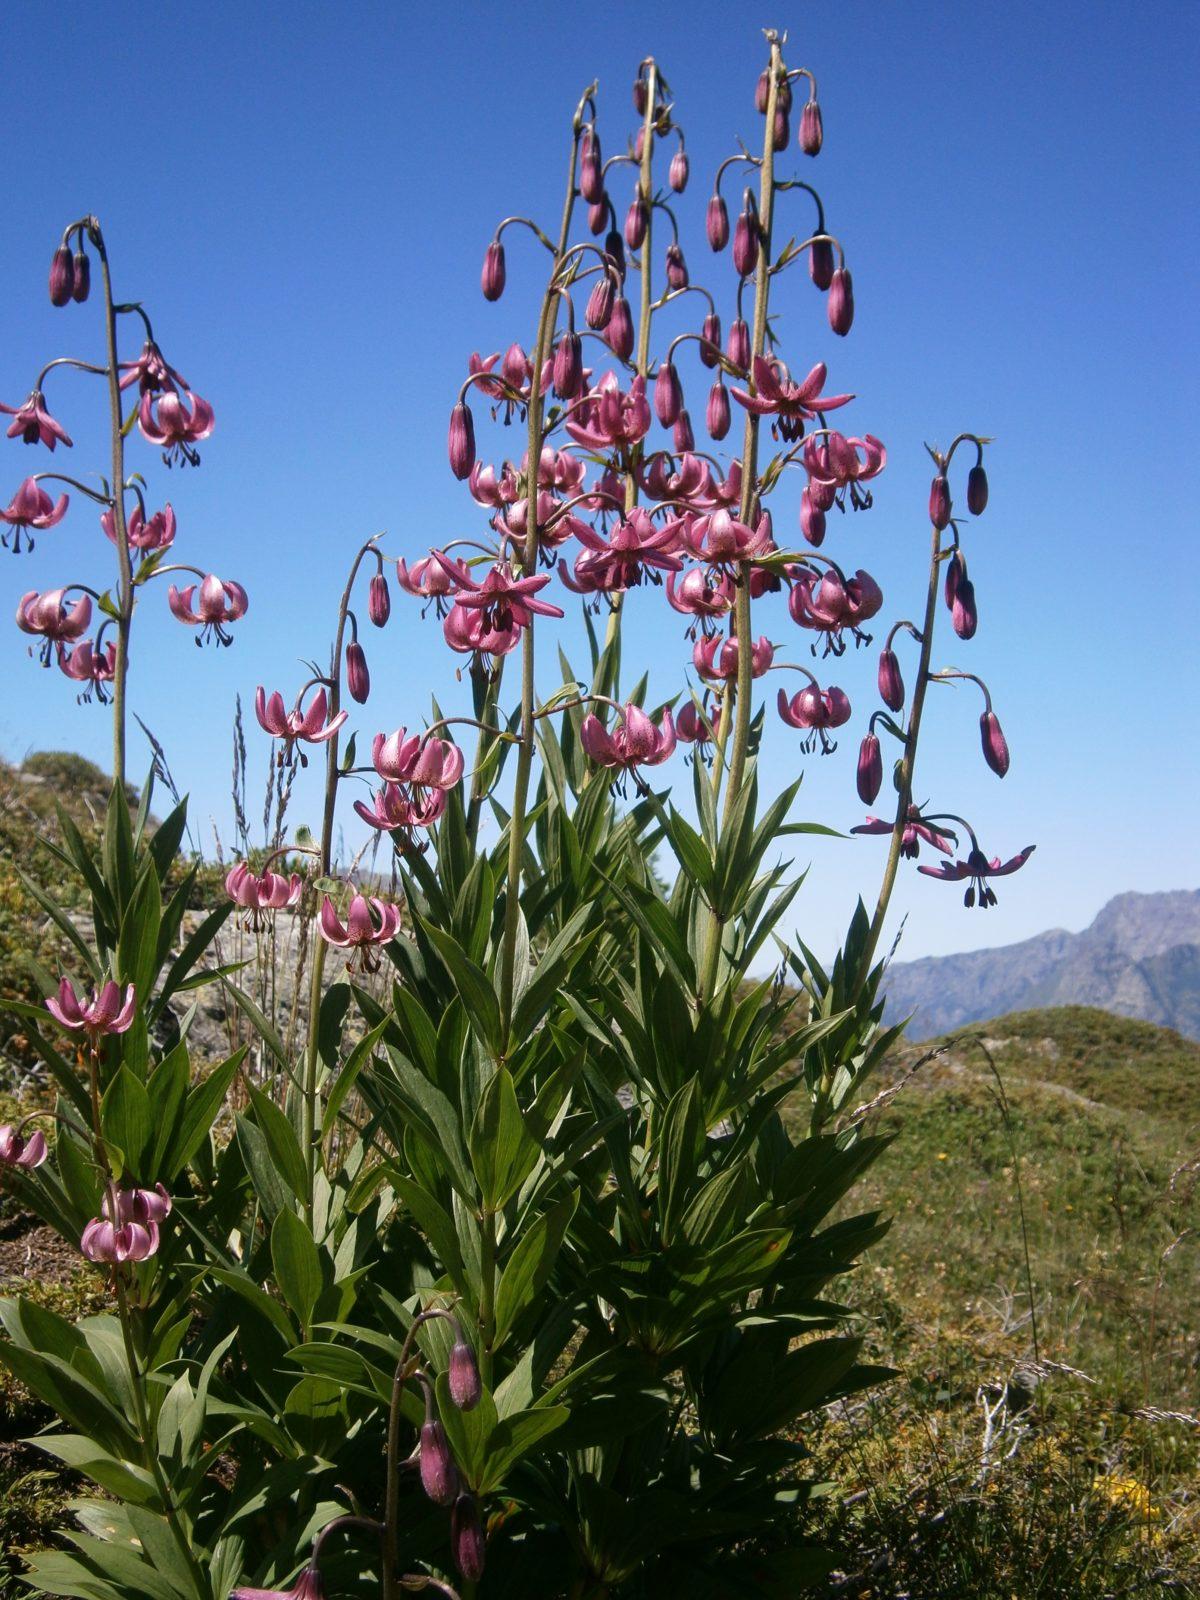 lilie - Lilie zlatohlavá je něžná a exotická kráska v zahradě